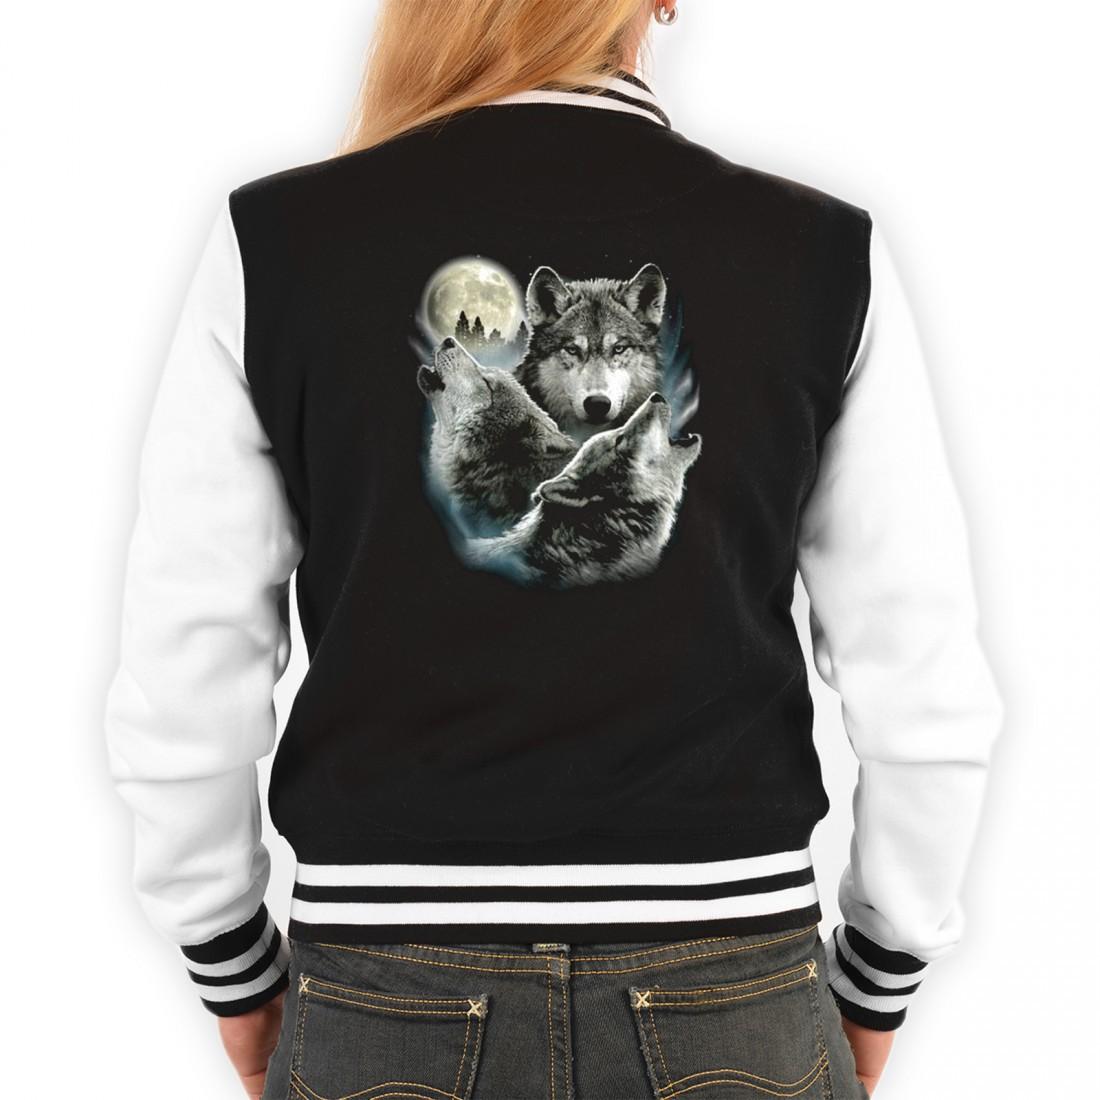 Coole Biker College Jacke Für Damen 3 Wölfe Heulen Bei Vollmond Originelles Outfit Oder Geschenk Idee Mit Wolf Motiv